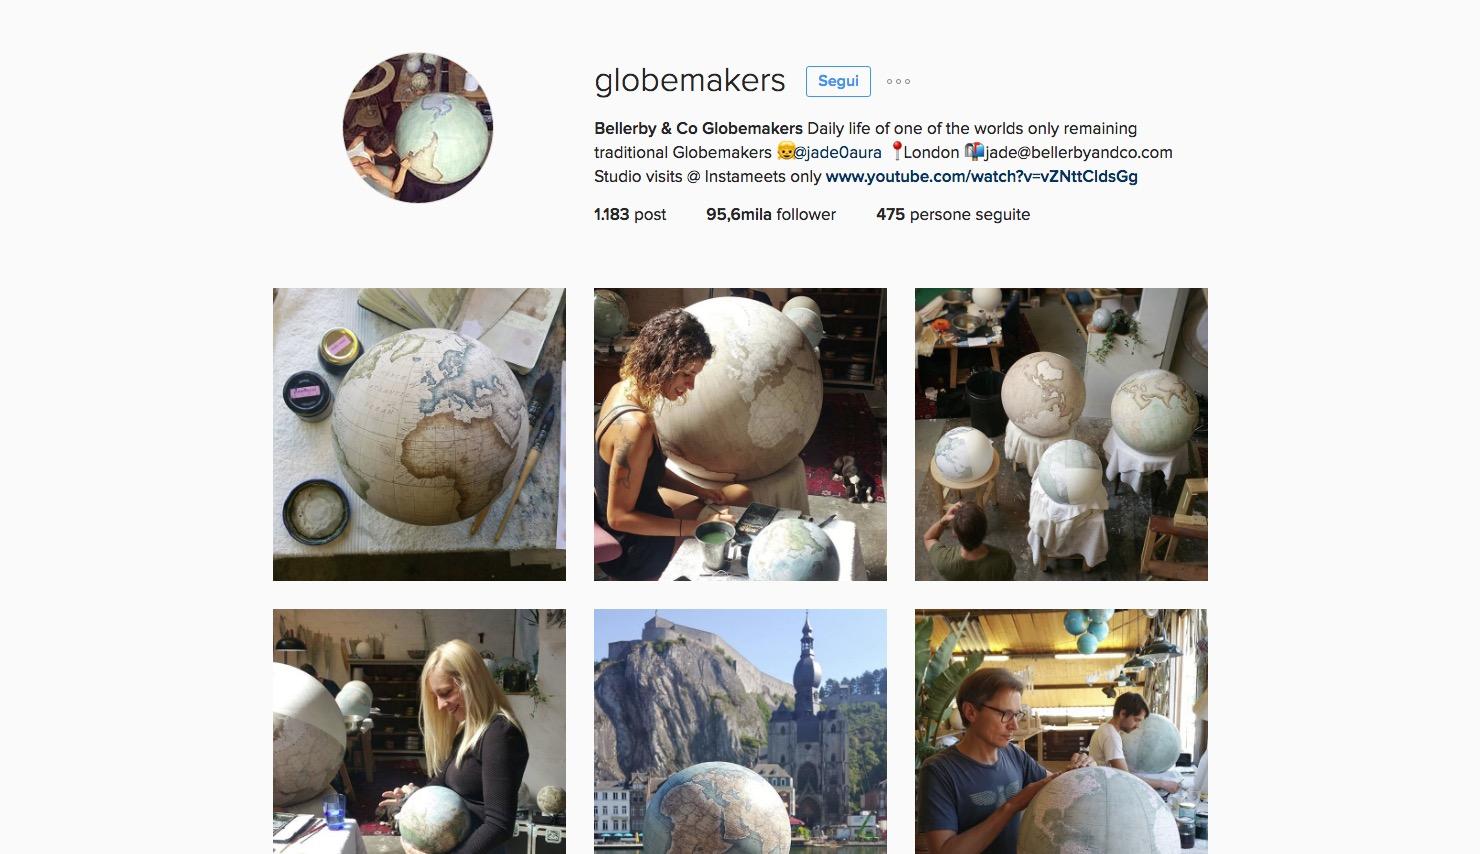 globemakers